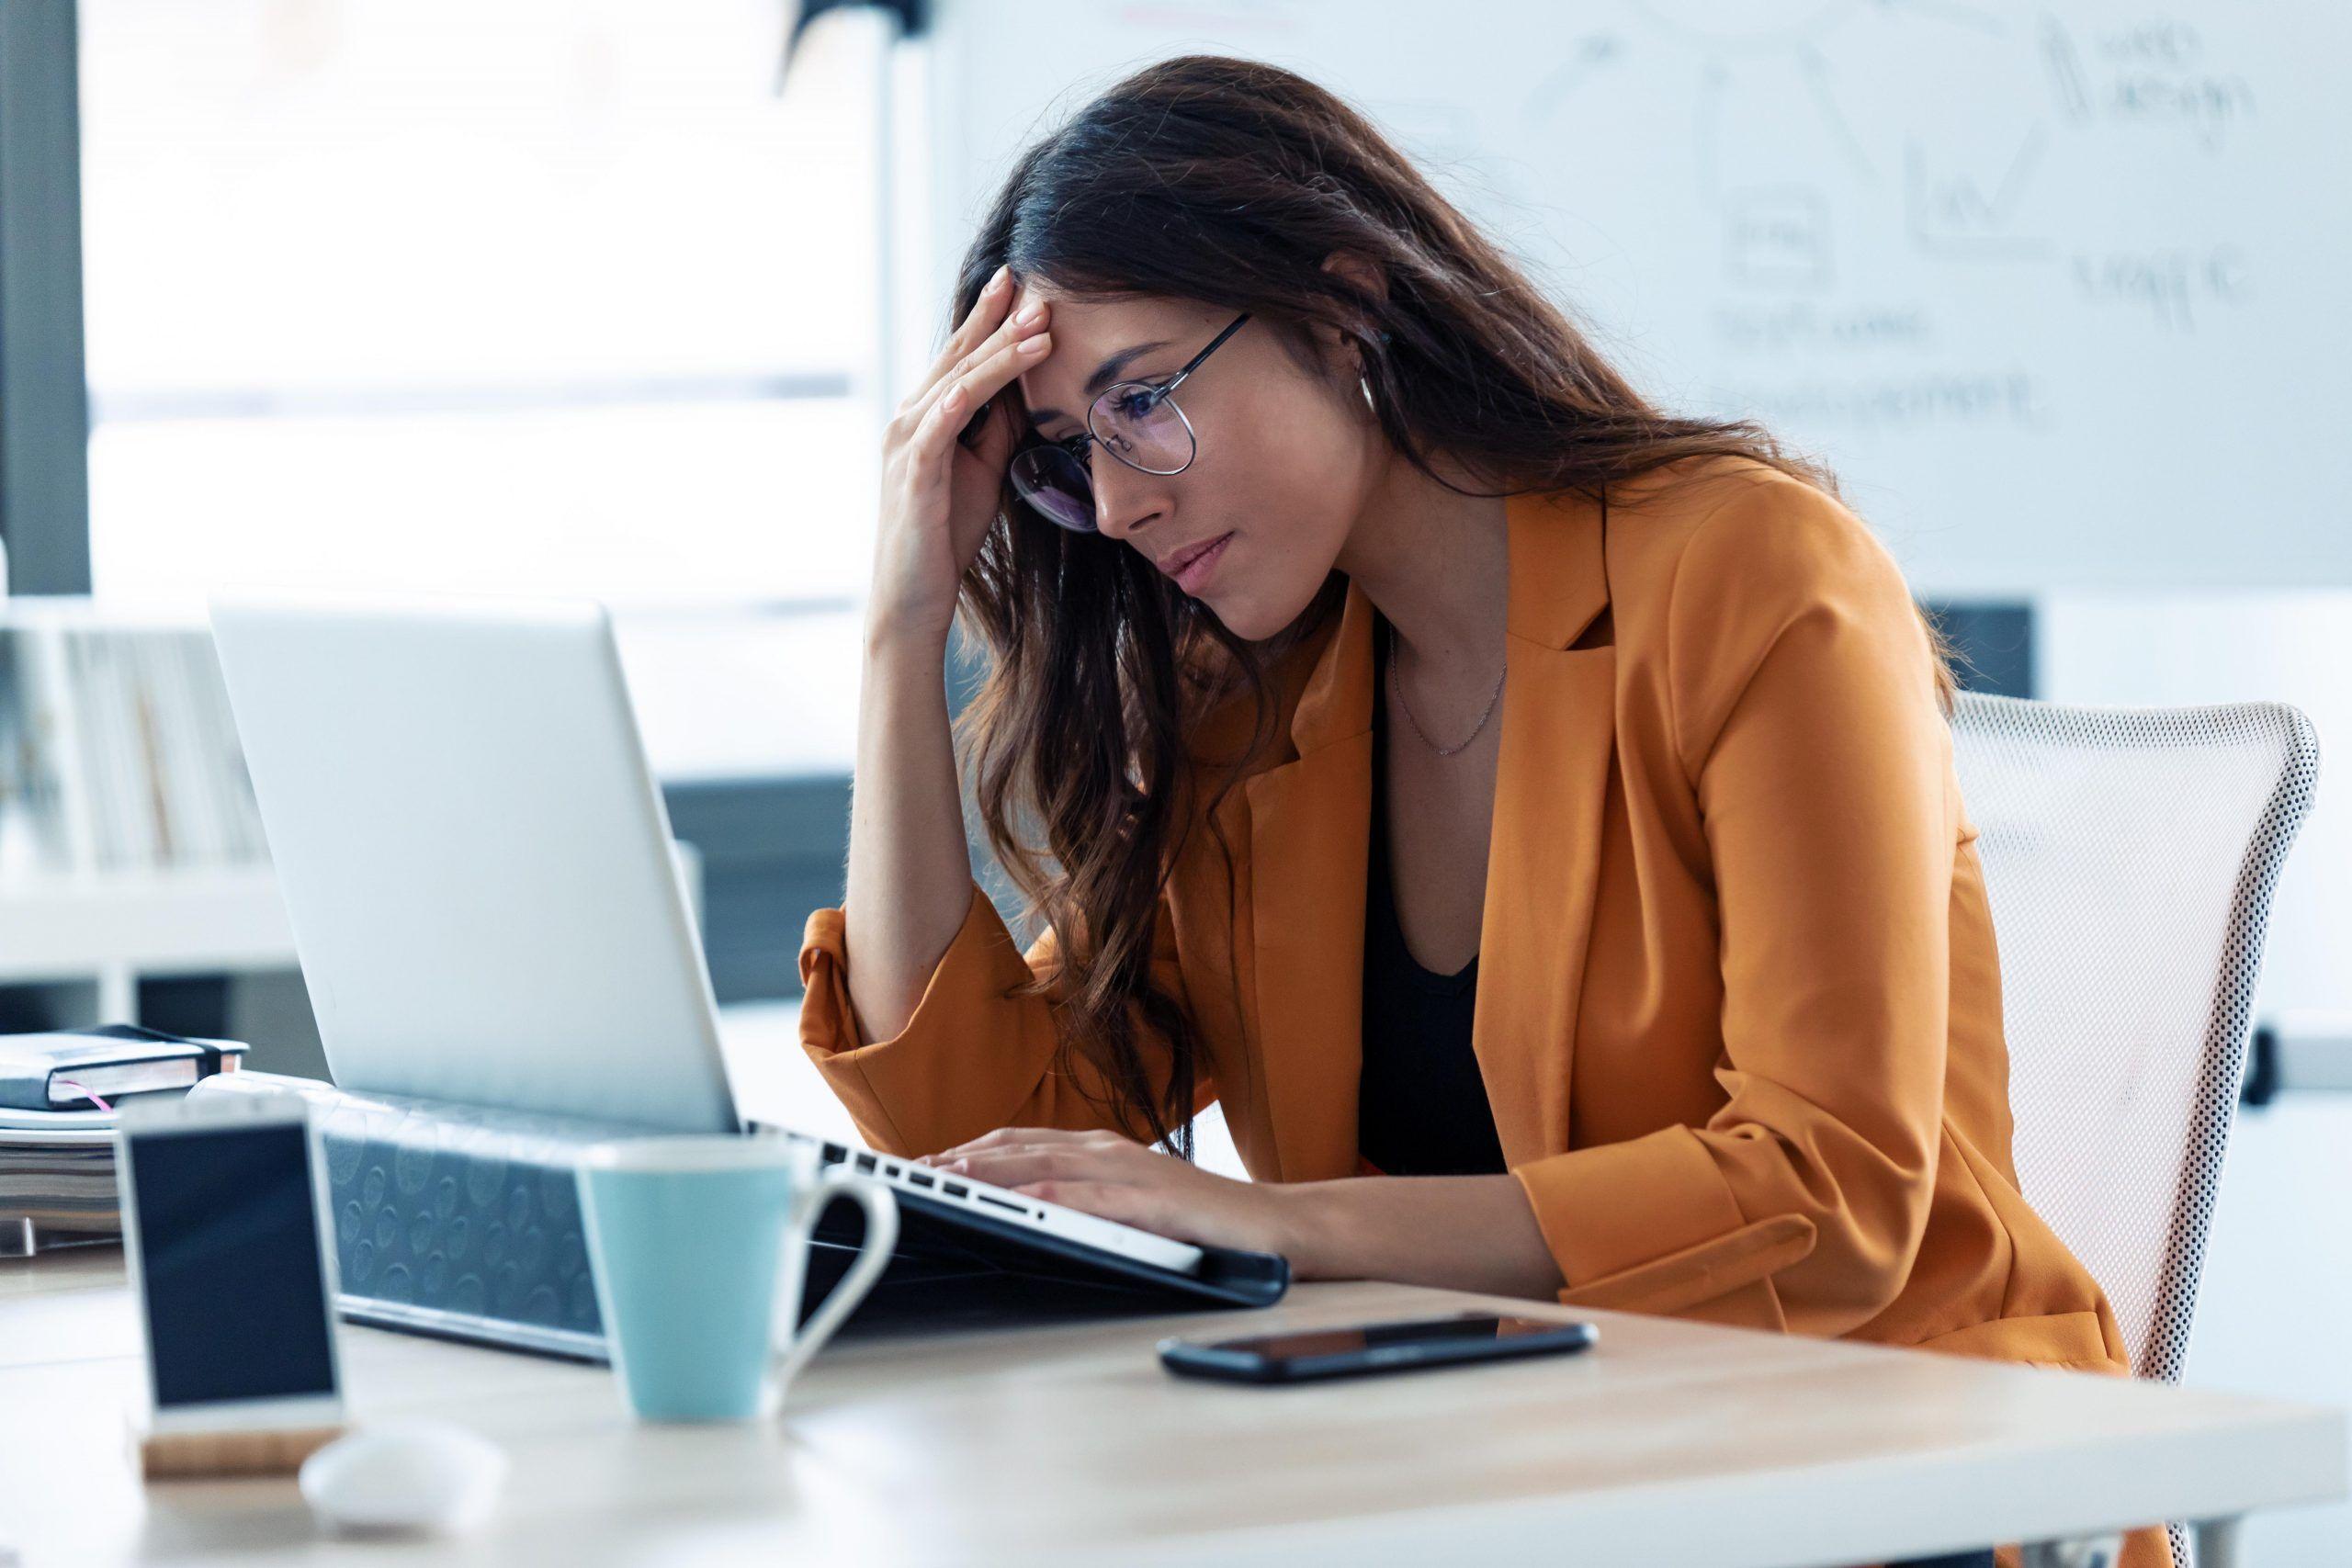 Mulher cm problemas na planilha, olhando para o computador com a mão na cabeça.